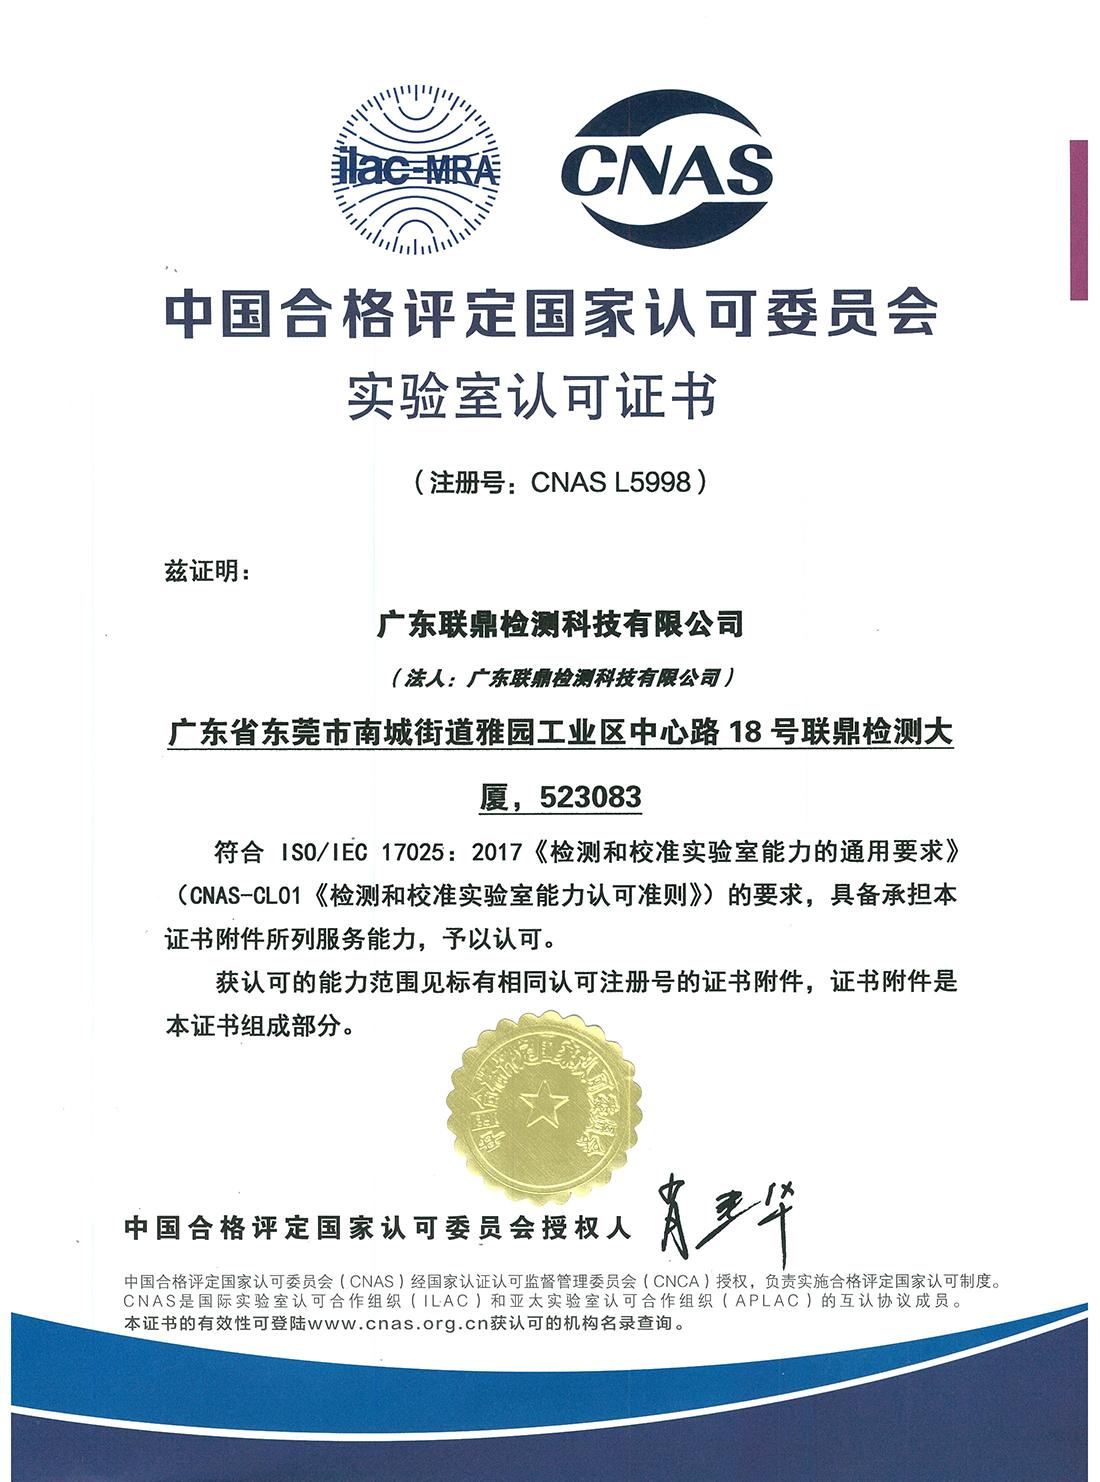 CNAS 中文证书